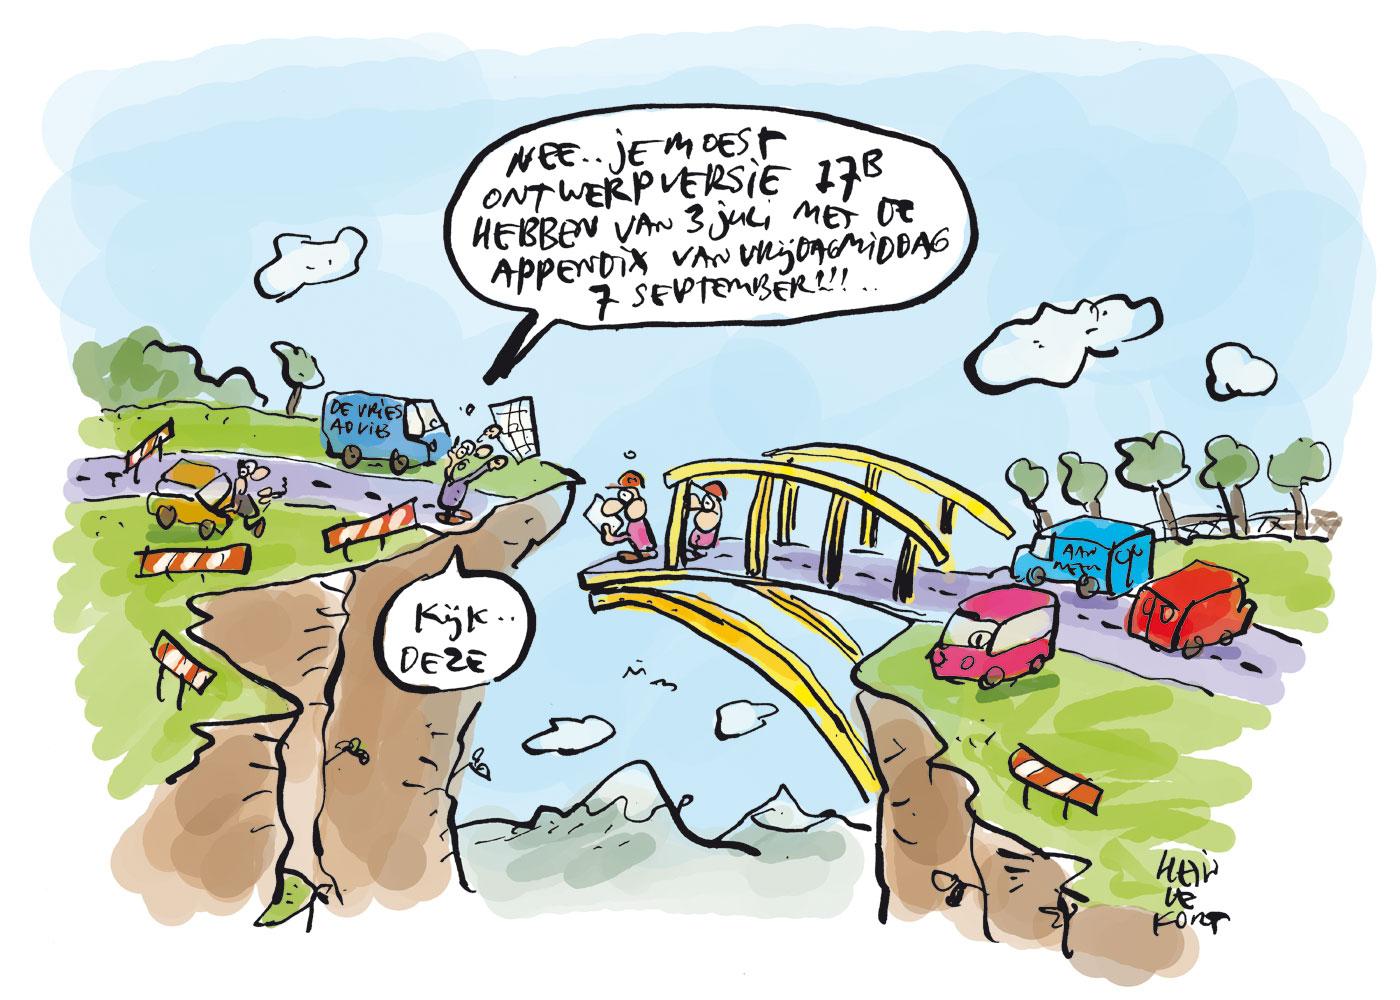 OntwerpUitvoering-KloofOverbruggen-im1web